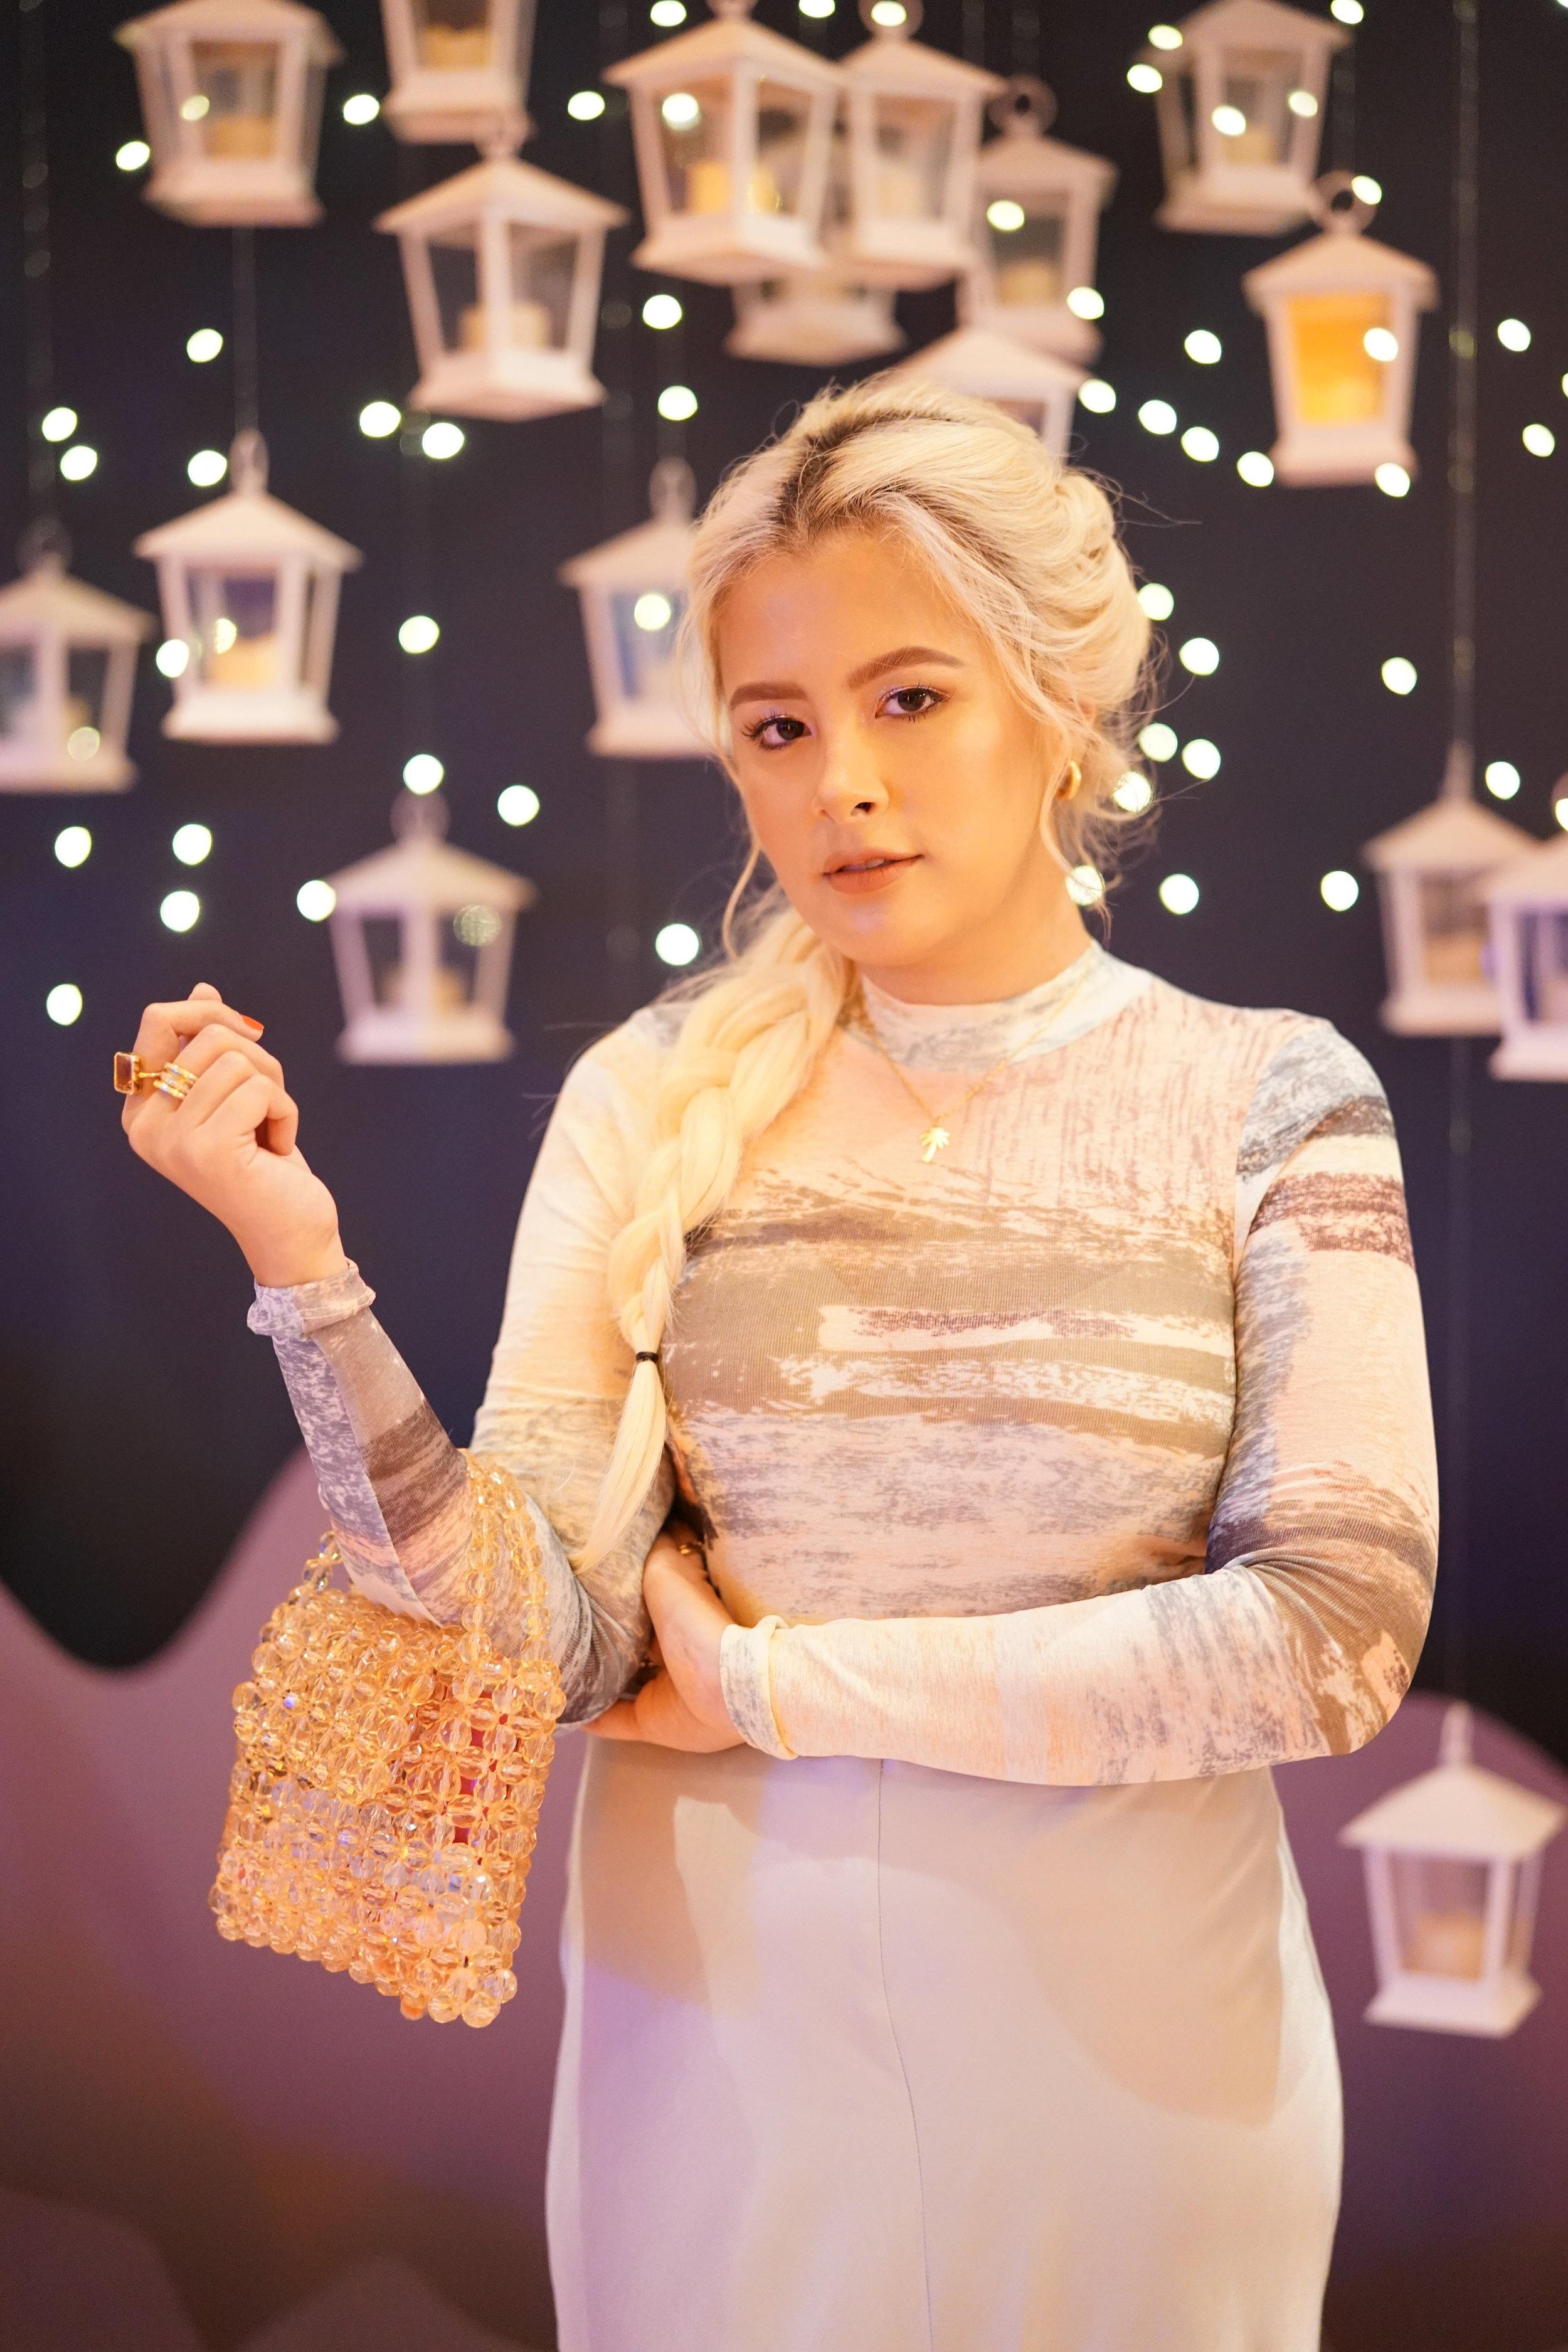 Chii Loyzaga-Gibbs as the modern day Elsa